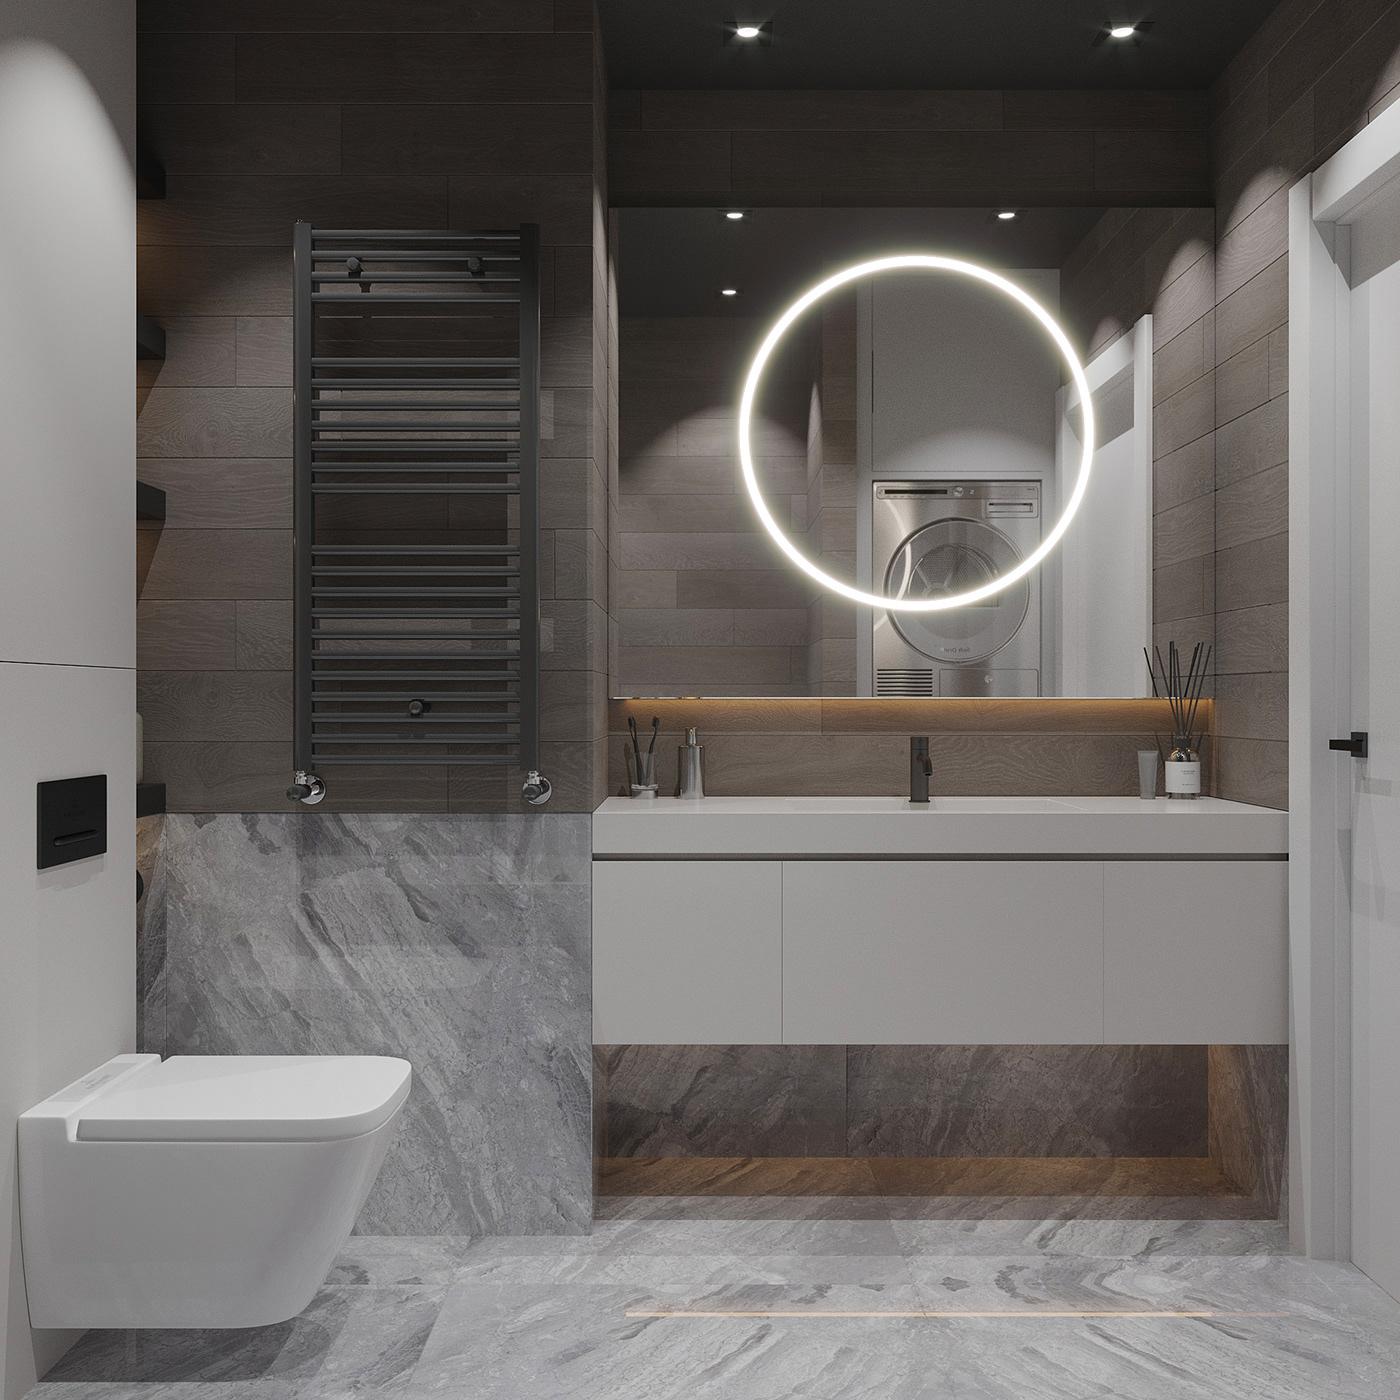 Kiến trúc sư tư vấn thiết kế căn hộ 76m² 2 phòng ngủ với chi phí tiết kiệm chỉ 189 triệu - Ảnh 11.